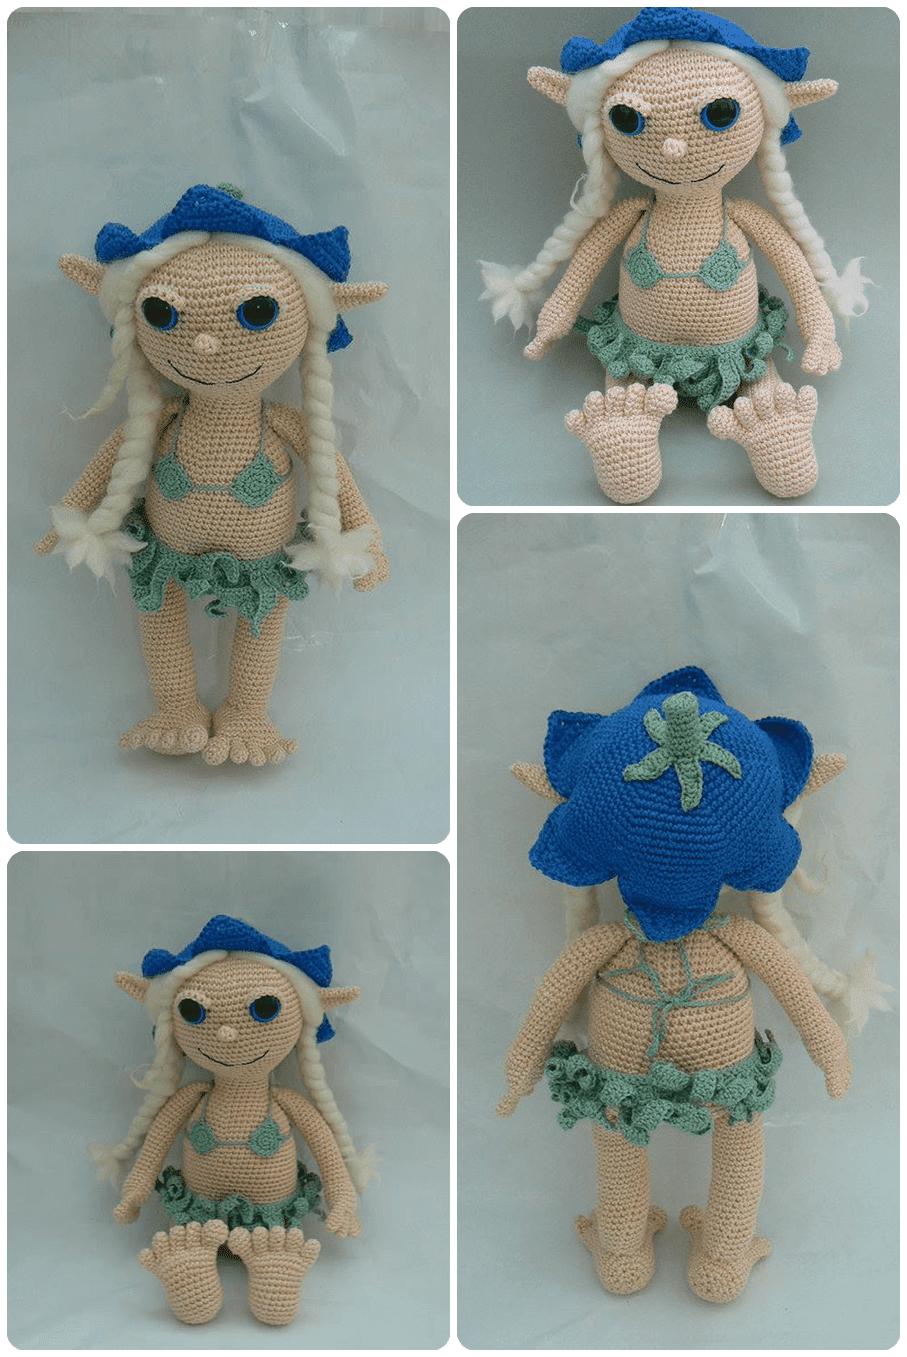 Amigurumi Hawai Doll : Amigurumi hawai li lana doll knittting crochet